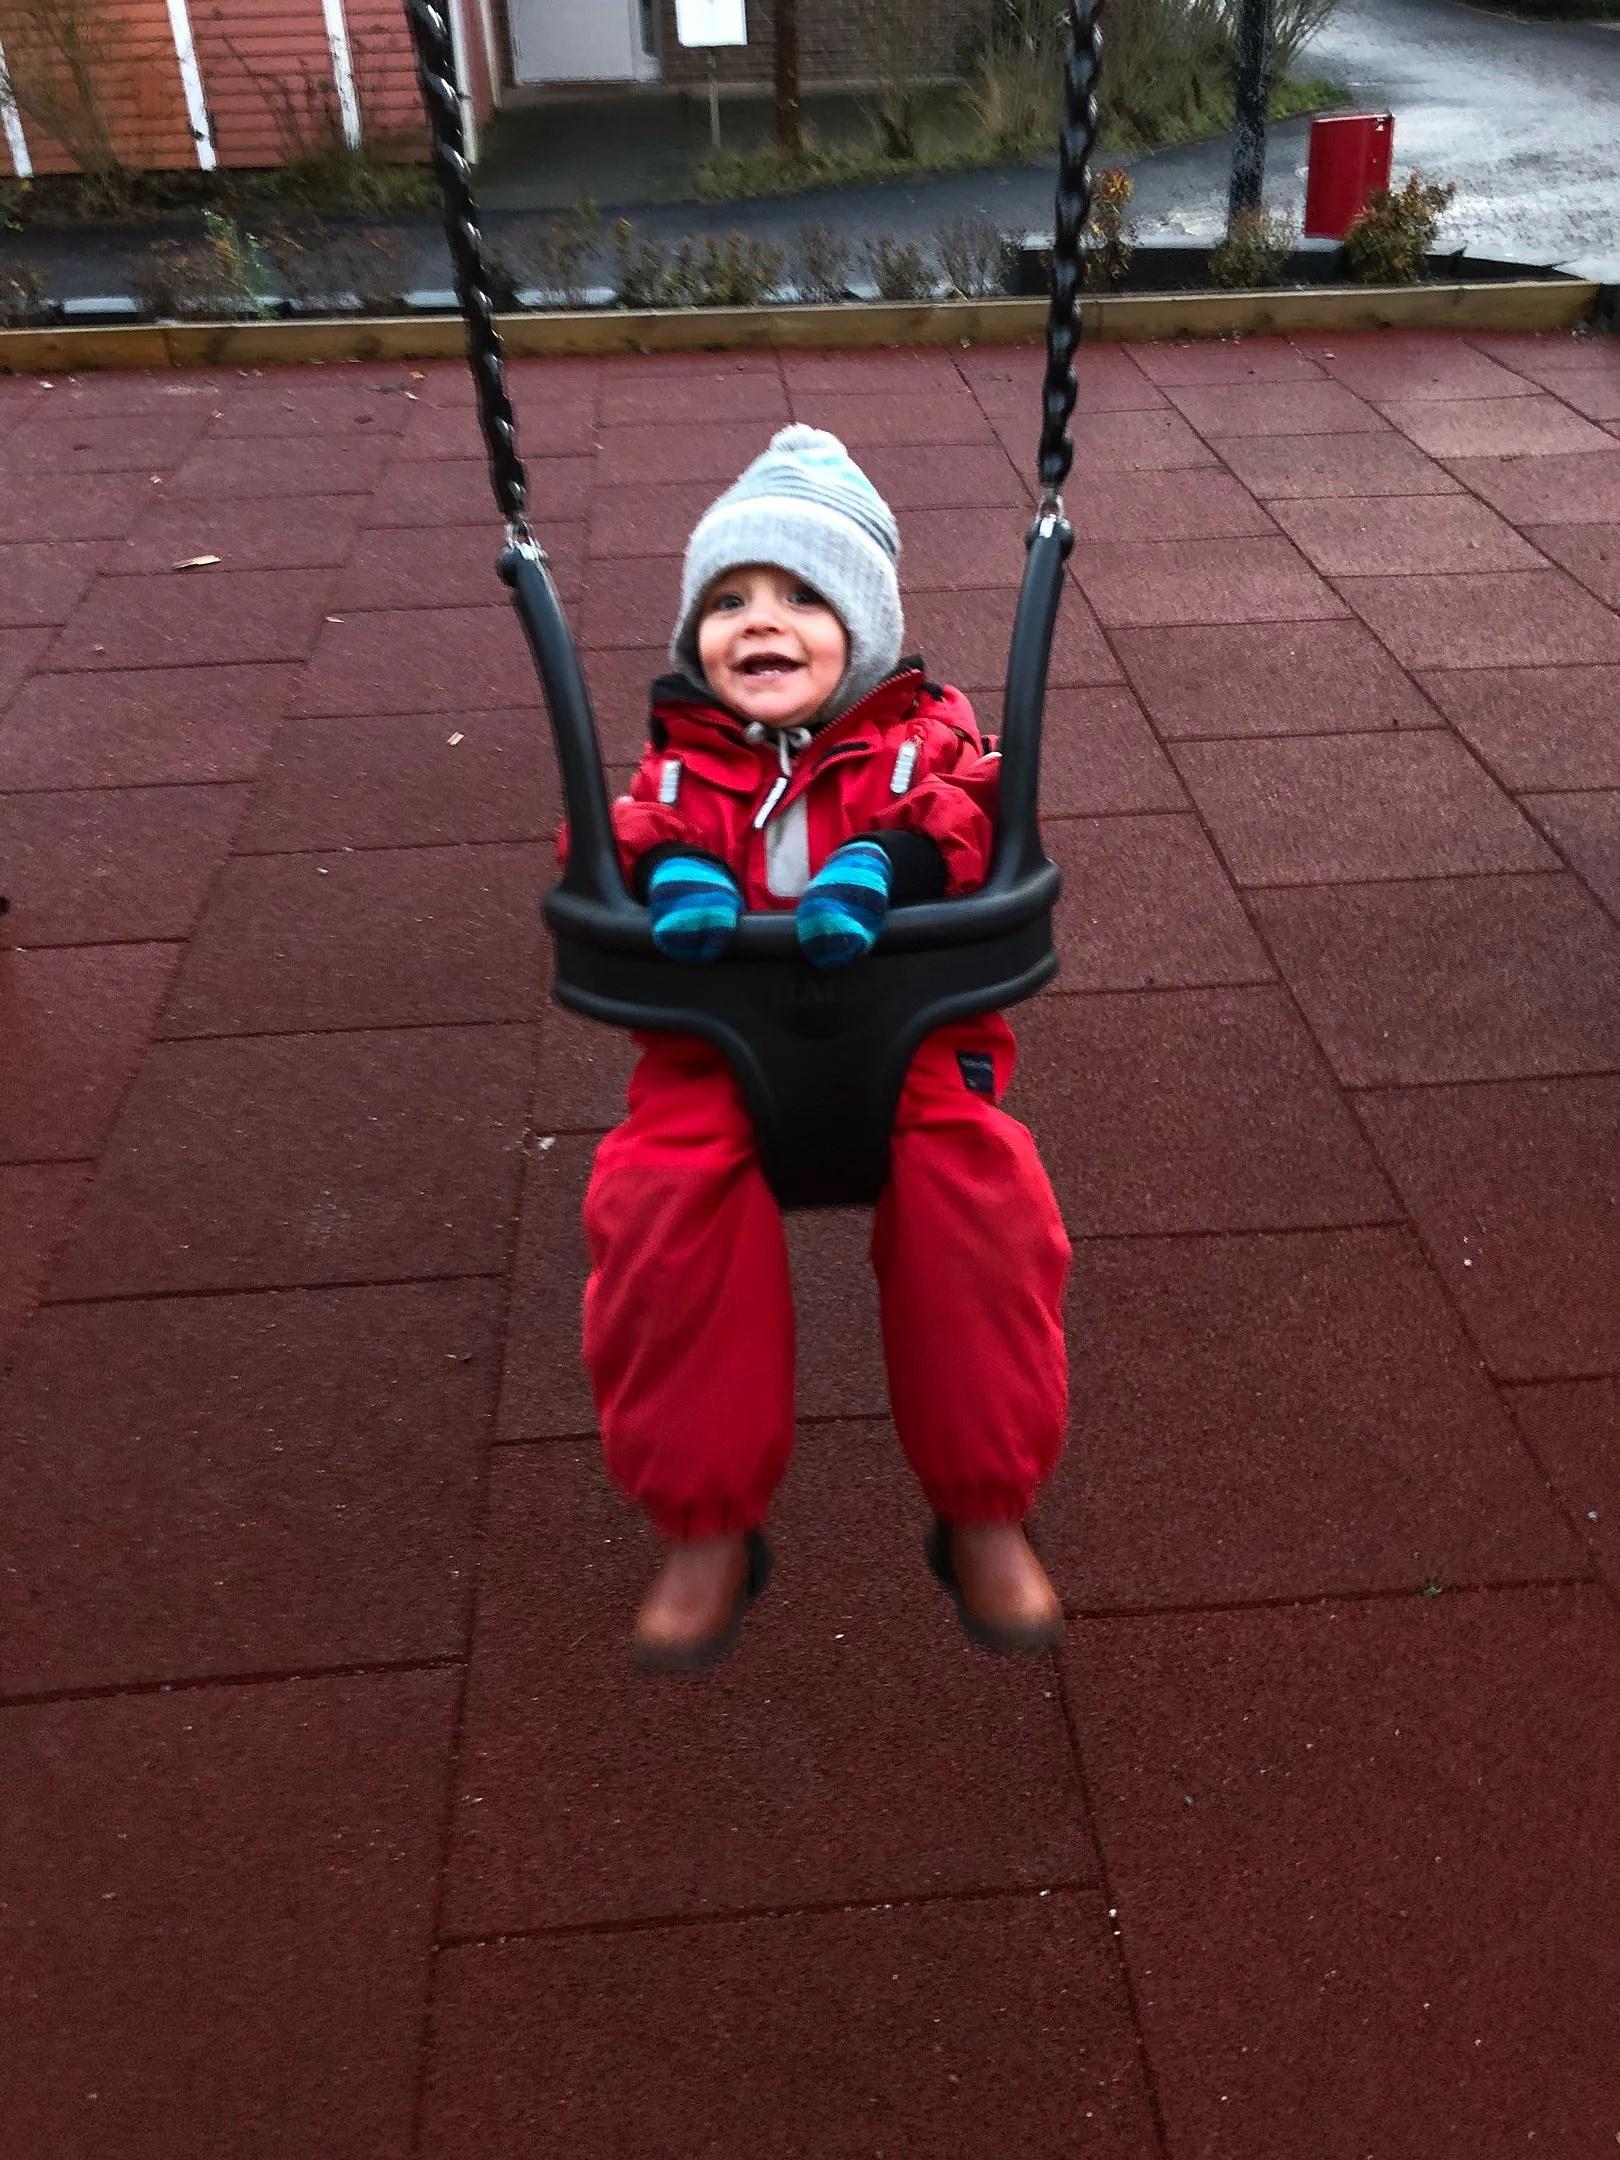 Fota ditt/dina barn när dom gungar